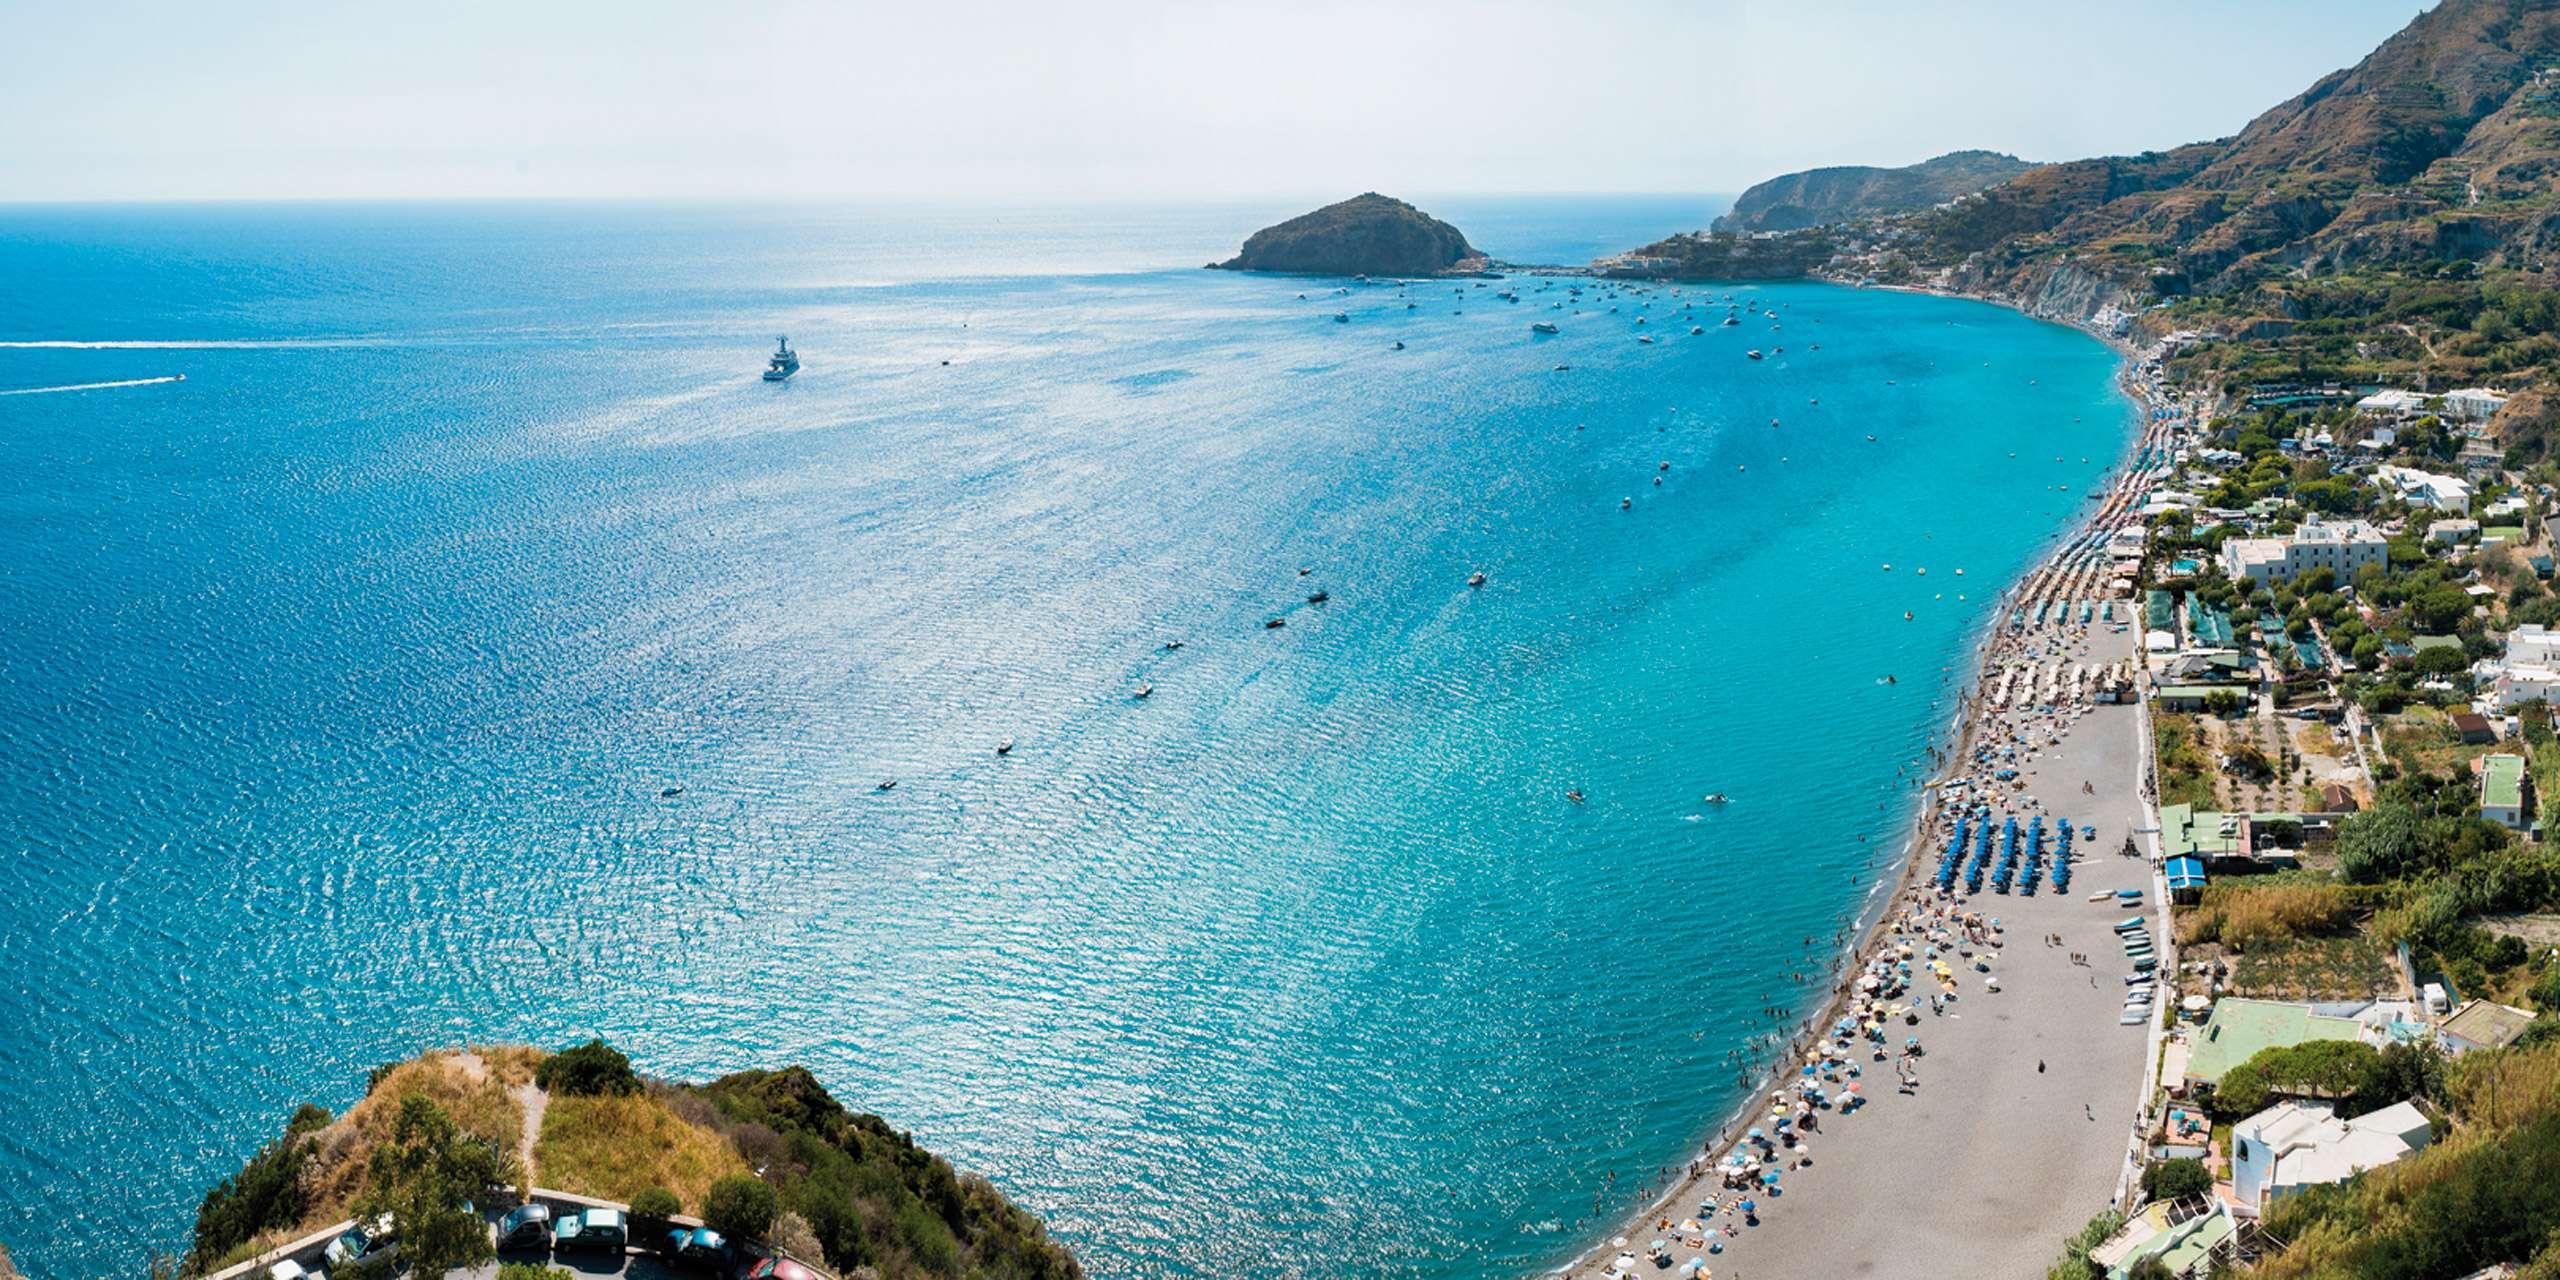 La spiaggia Villa Maria mare